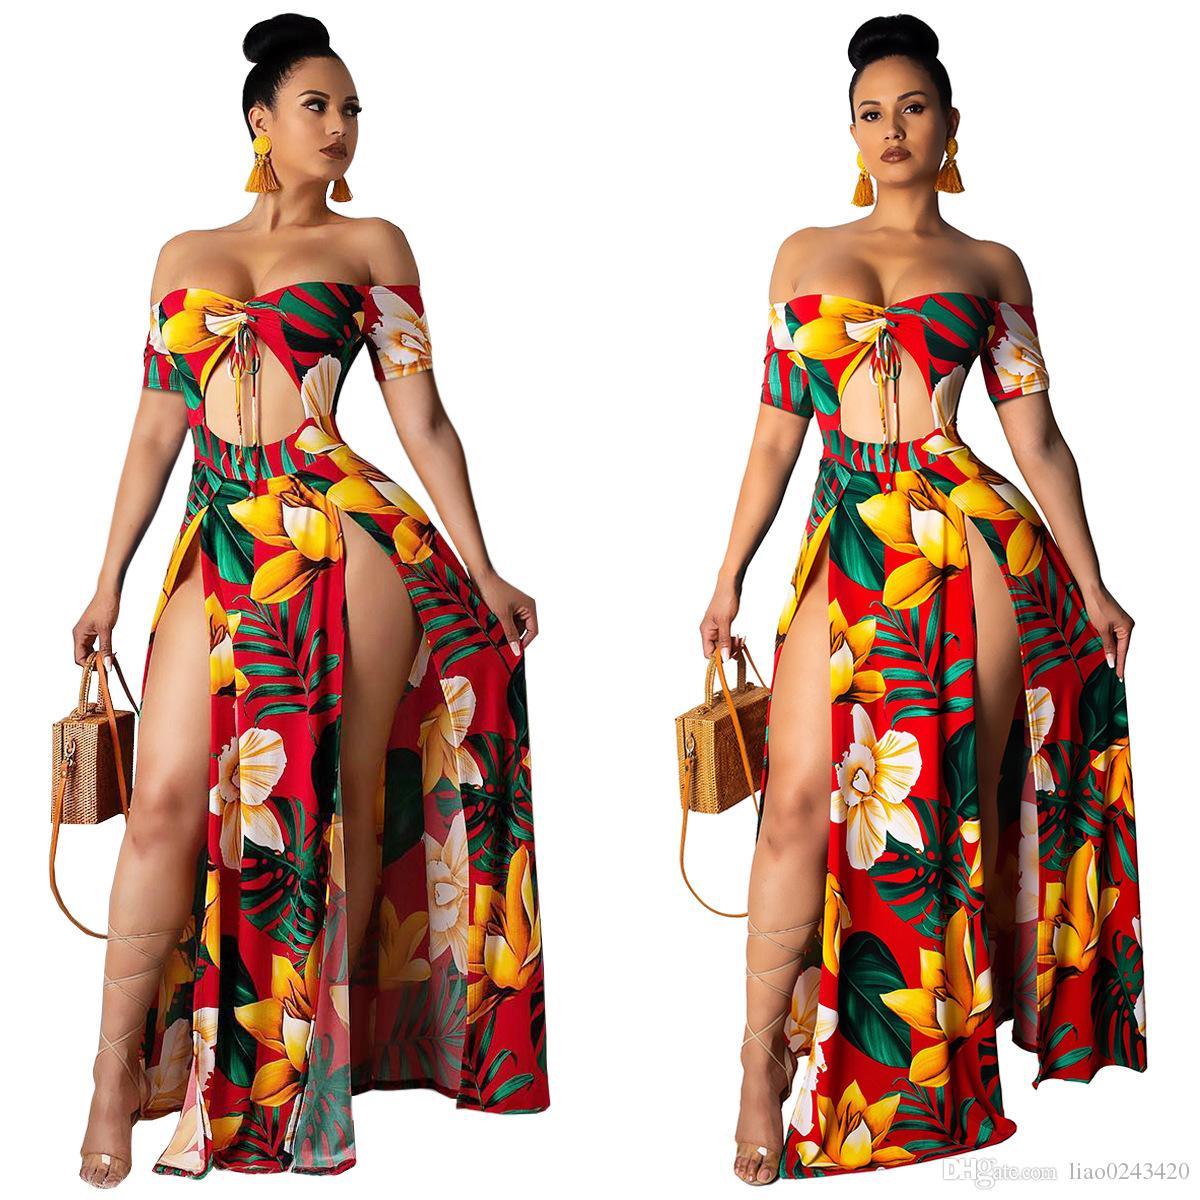 81970e58251d5 Free Ship 2019 Summer Women Sexy Strapless Floral Print Maxi Dresses  Vestidos High Split Long Beach Dress